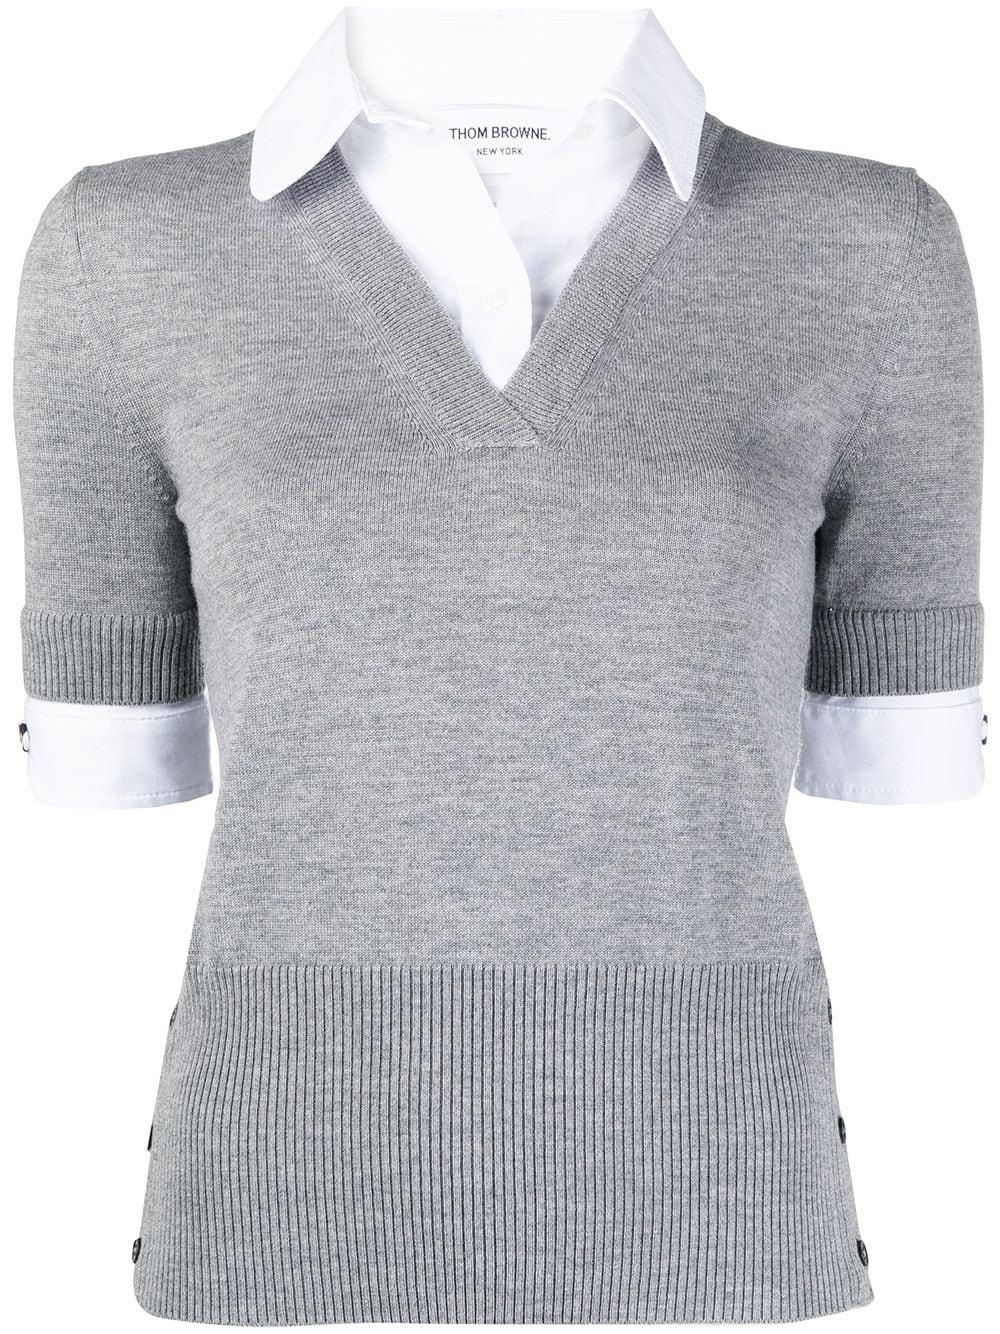 Thom Browne Pullover mit V-Ausschnitt - Grau